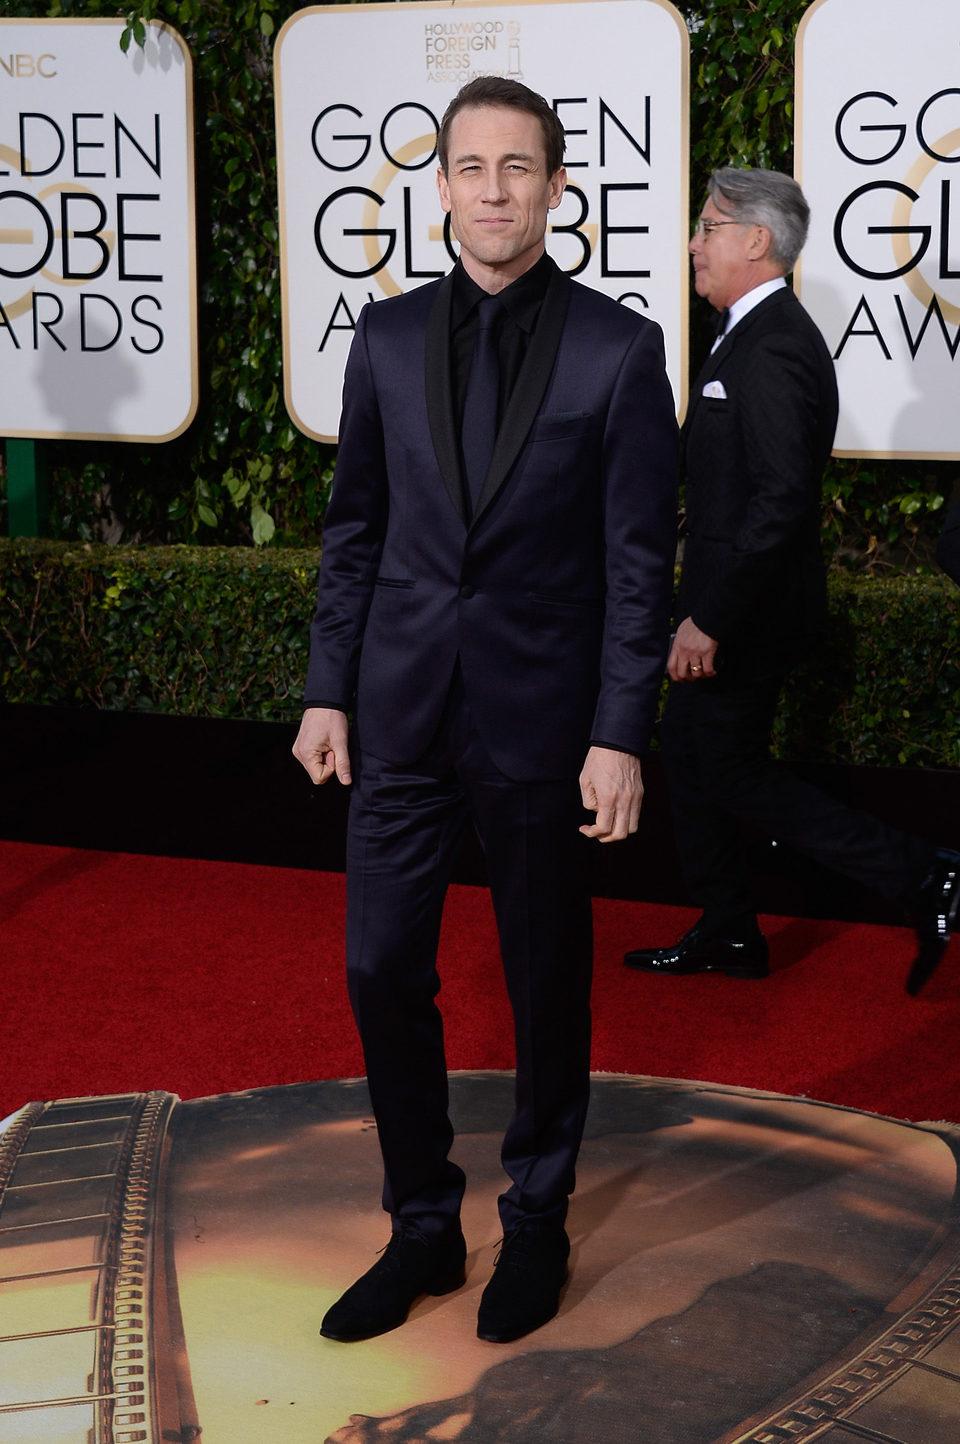 Tobias Menzies en la alfombra roja de los Globos de Oro 2016